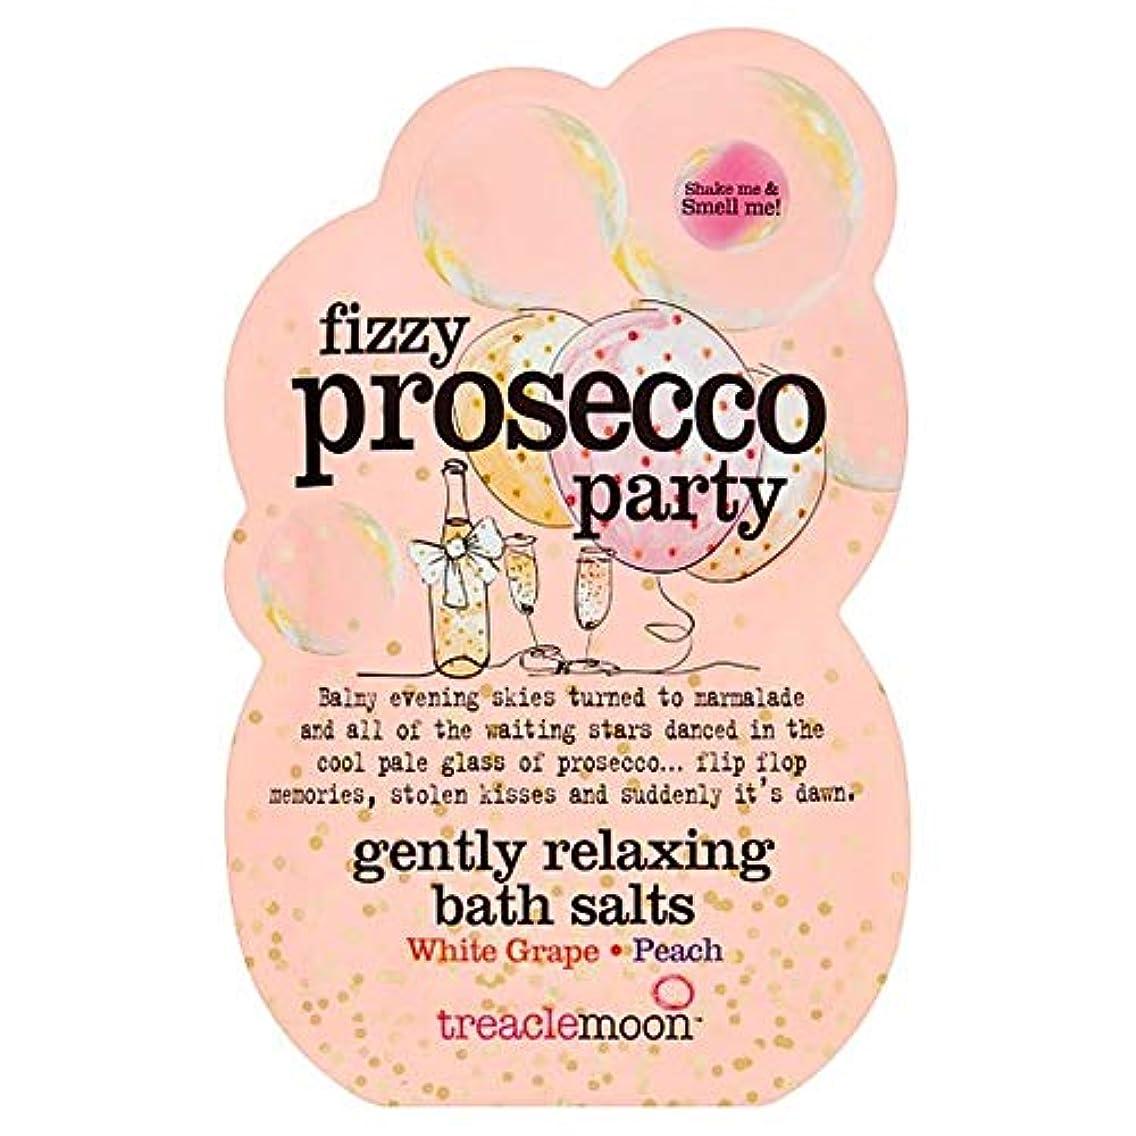 敬描くよろめく[Treacle Moon] Treaclemoonプロセッコパーティーバスソルトの80グラム - Treaclemoon Prosecco Party Bath Salts 80G [並行輸入品]